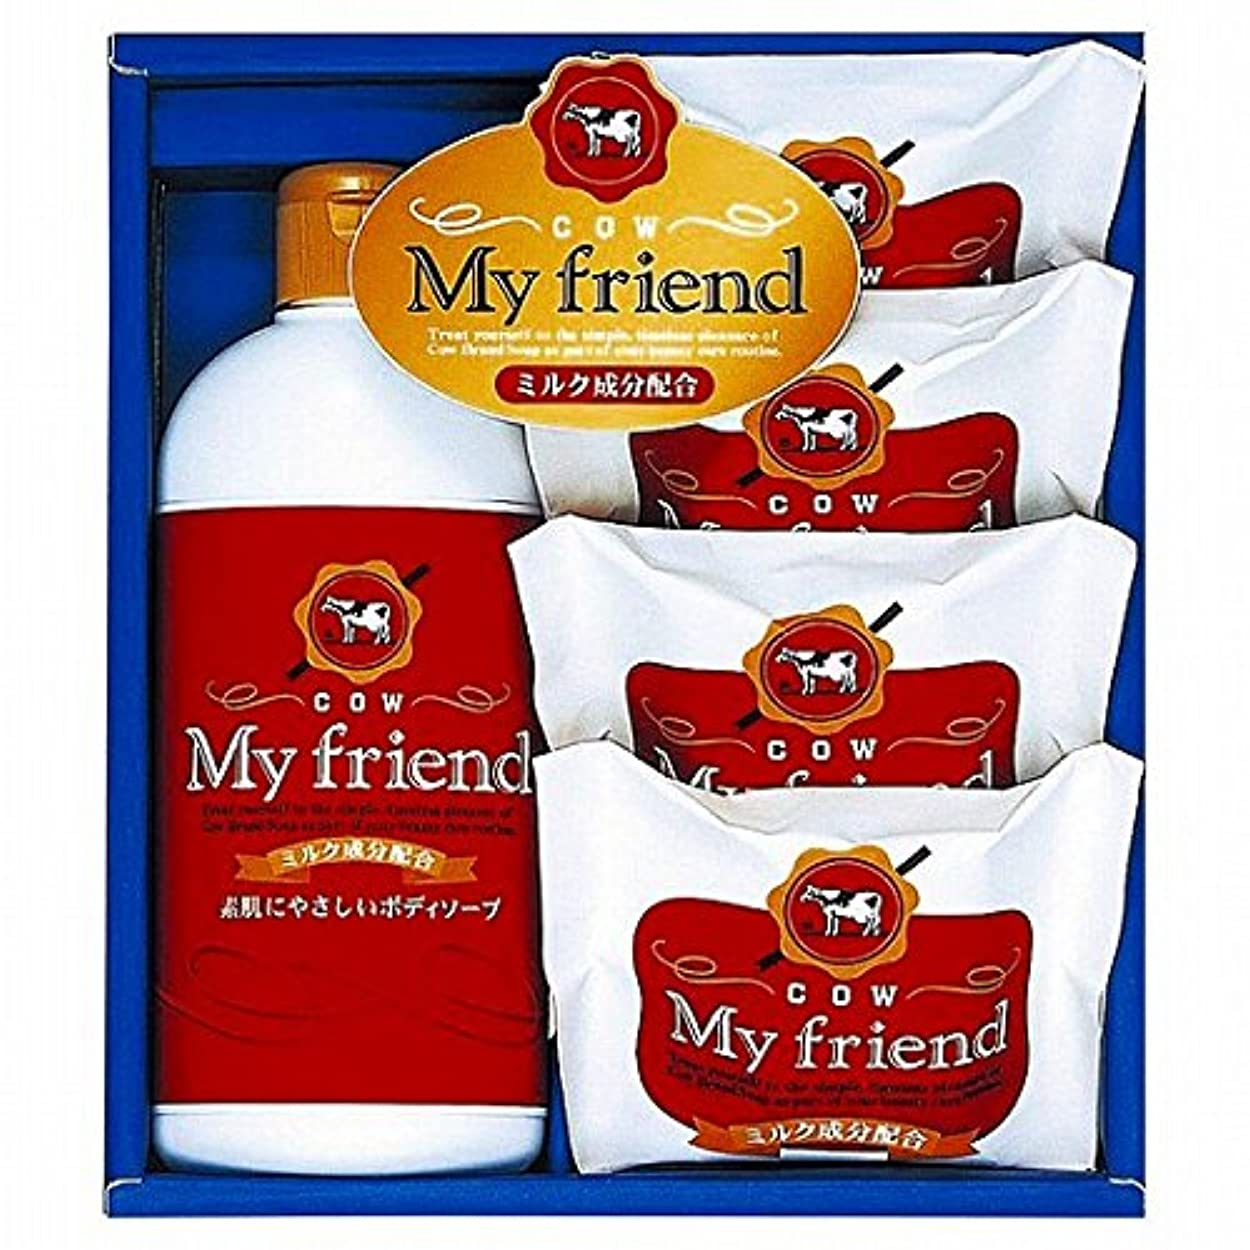 不快彼女きちんとしたnobrand 牛乳石鹸 マイフレンドボディソープセット (21940007)